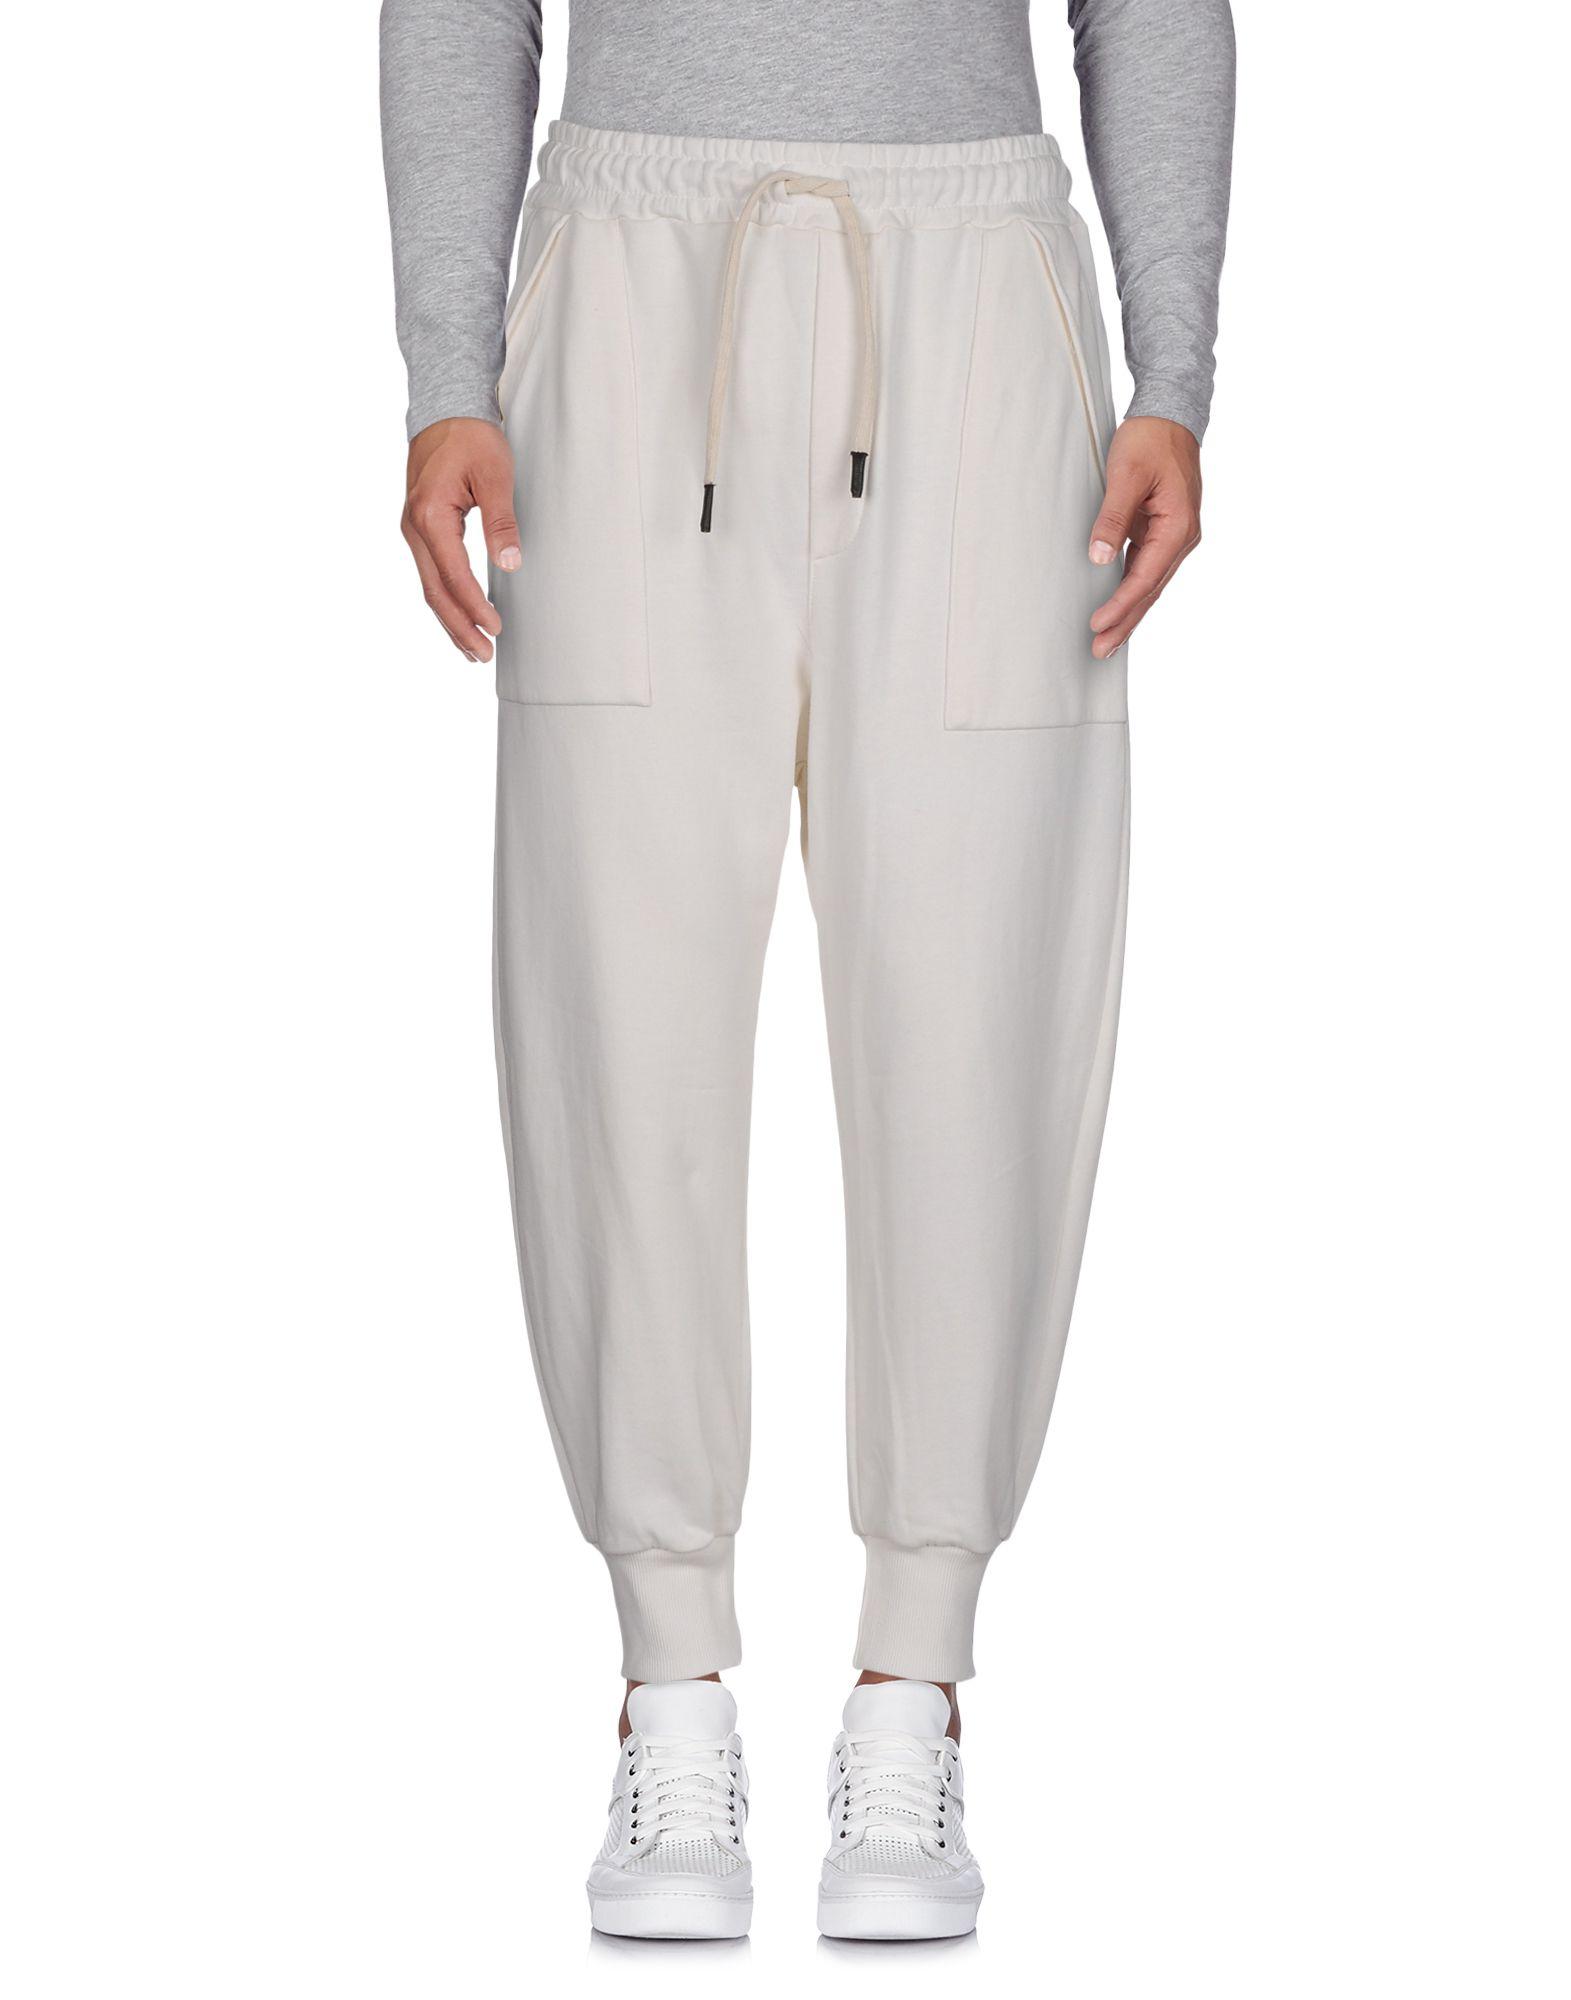 《送料無料》DANIEL RAY メンズ パンツ ホワイト XL コットン 100%